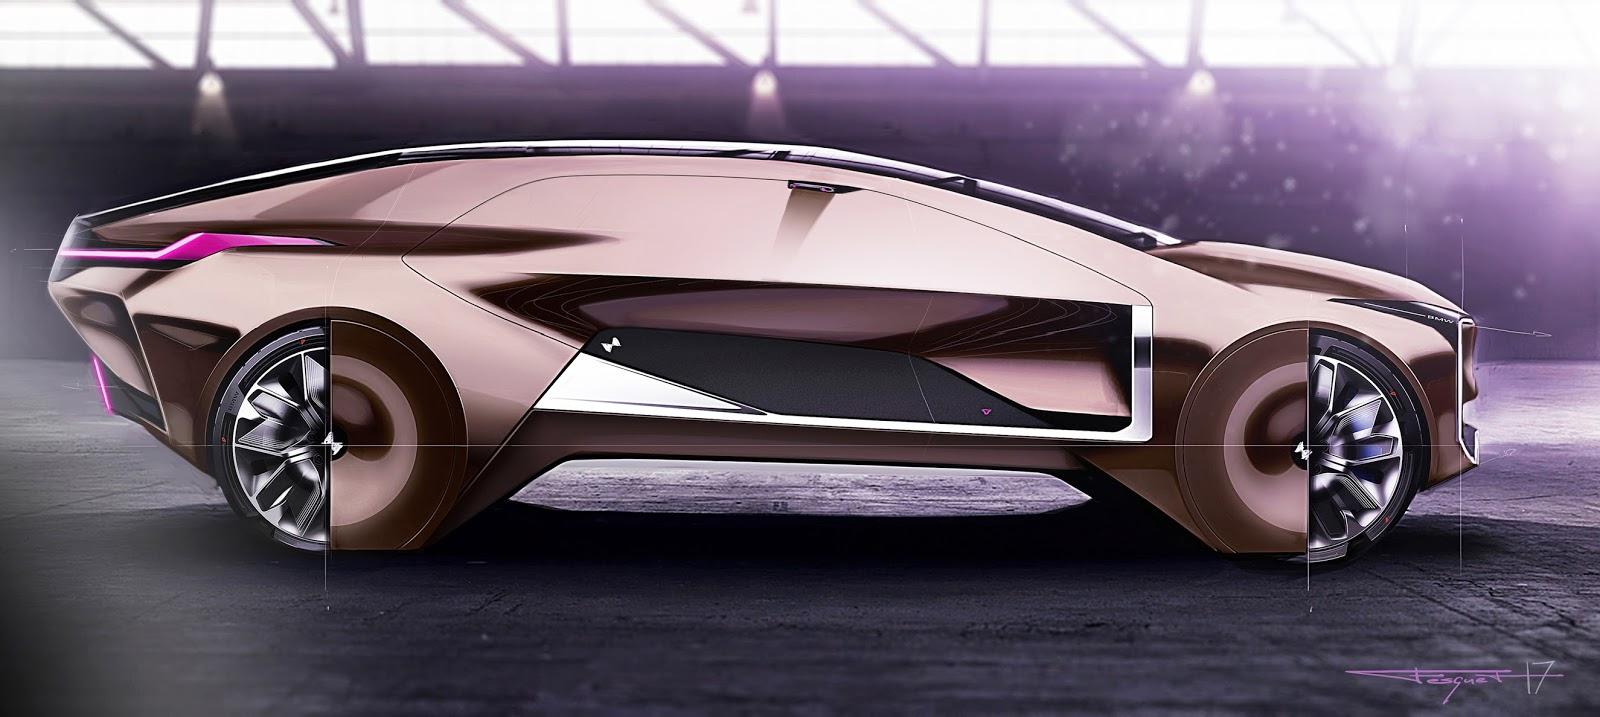 Bmw X8 Gran Coupe Luxury Vision By Julien Fesquet Motivezine